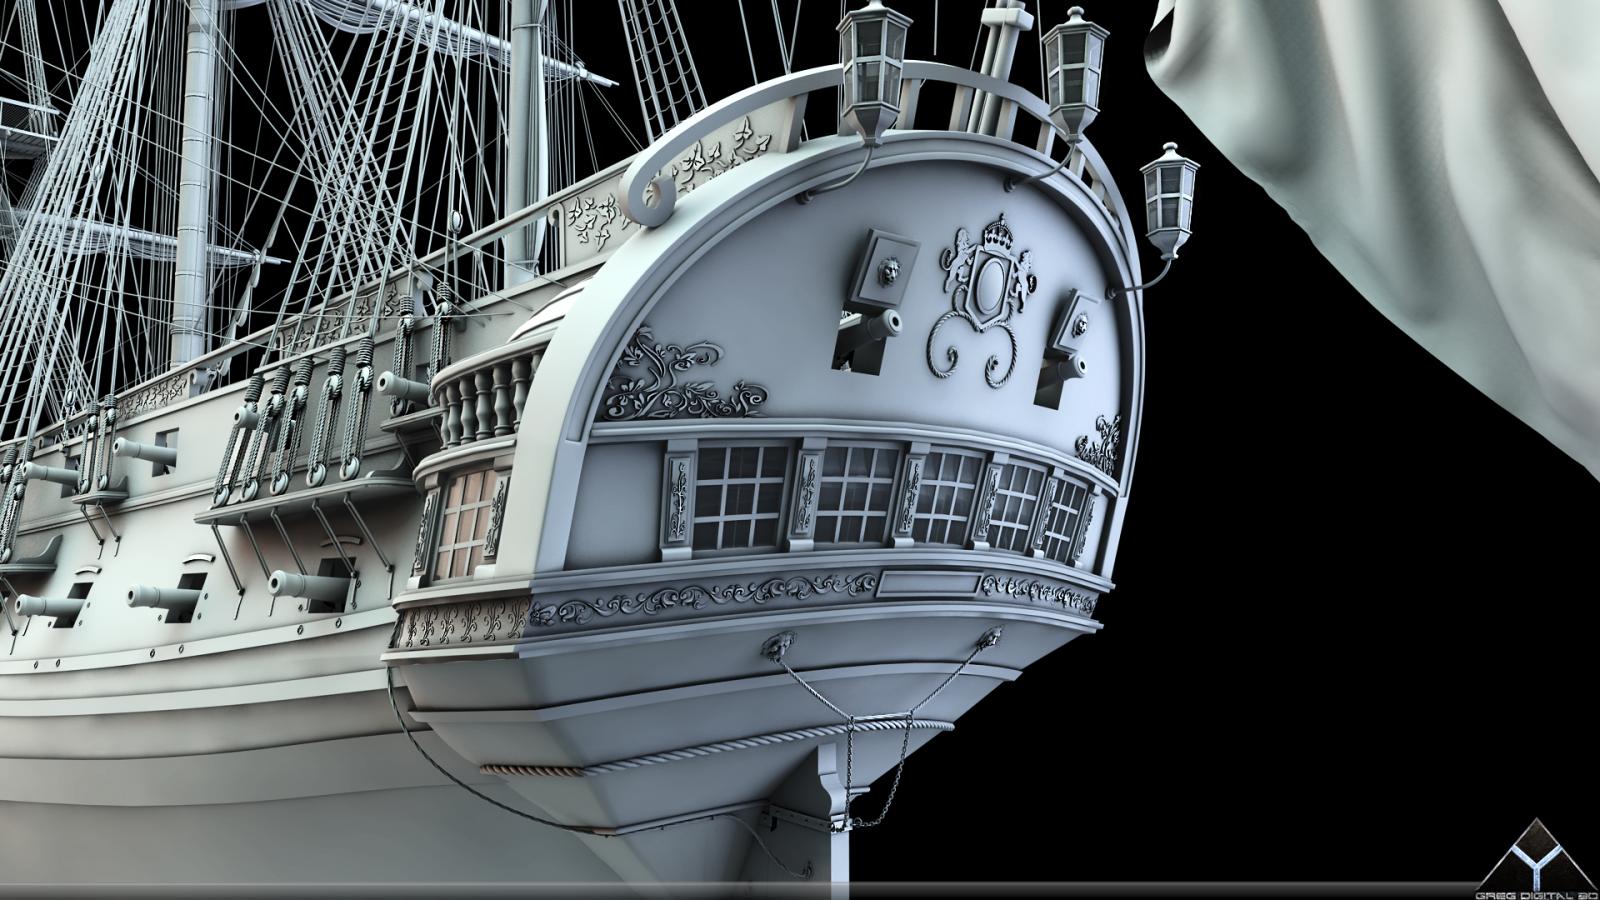 Frégate m'a première réalisation d'un navire en 3D. - Page 6 533308FrgatelightroomR16grosplan